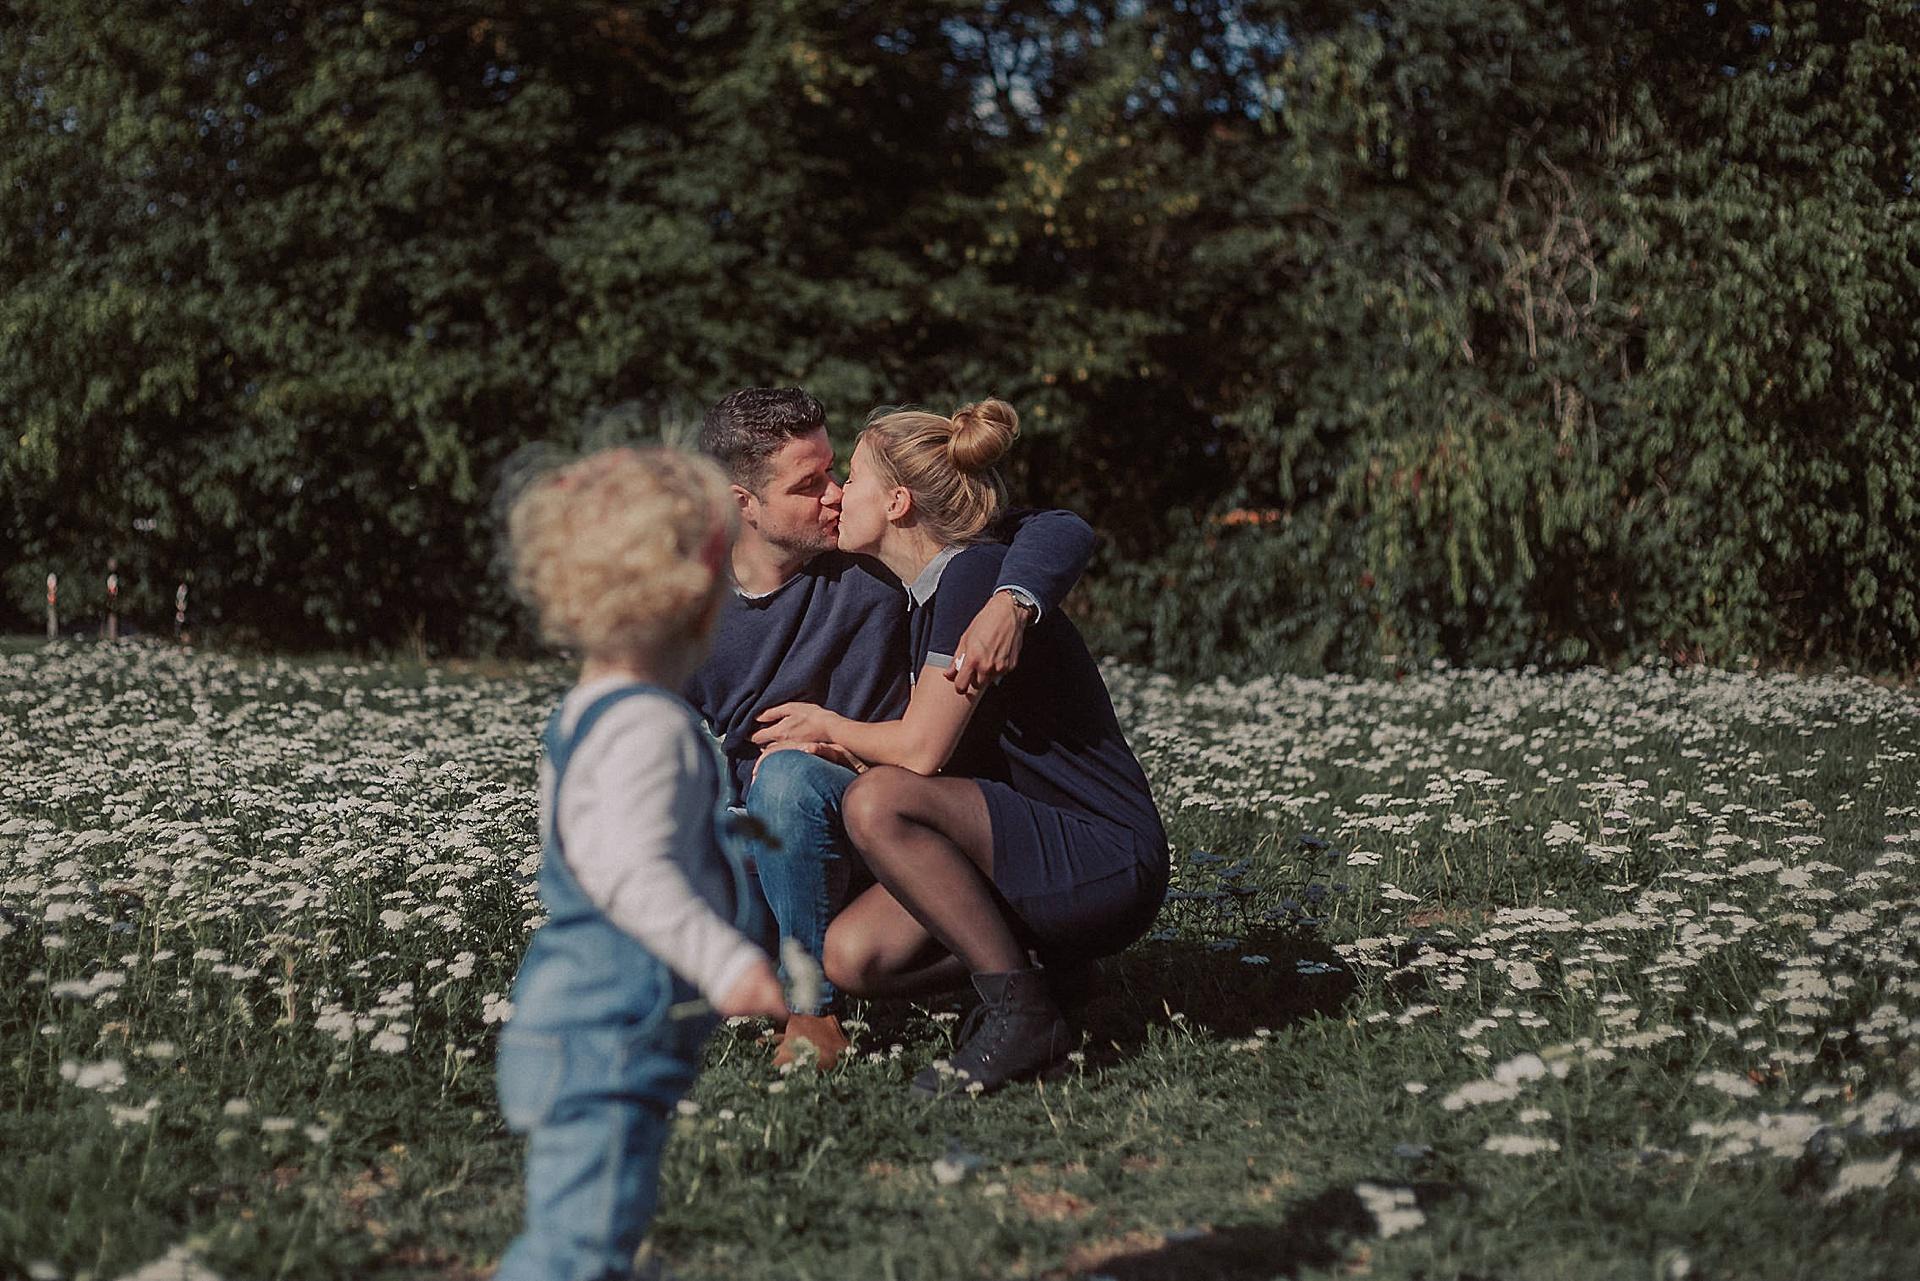 familienfotograf-familien-reportage-bremen-danielzube-familienfotografie_0017.jpg